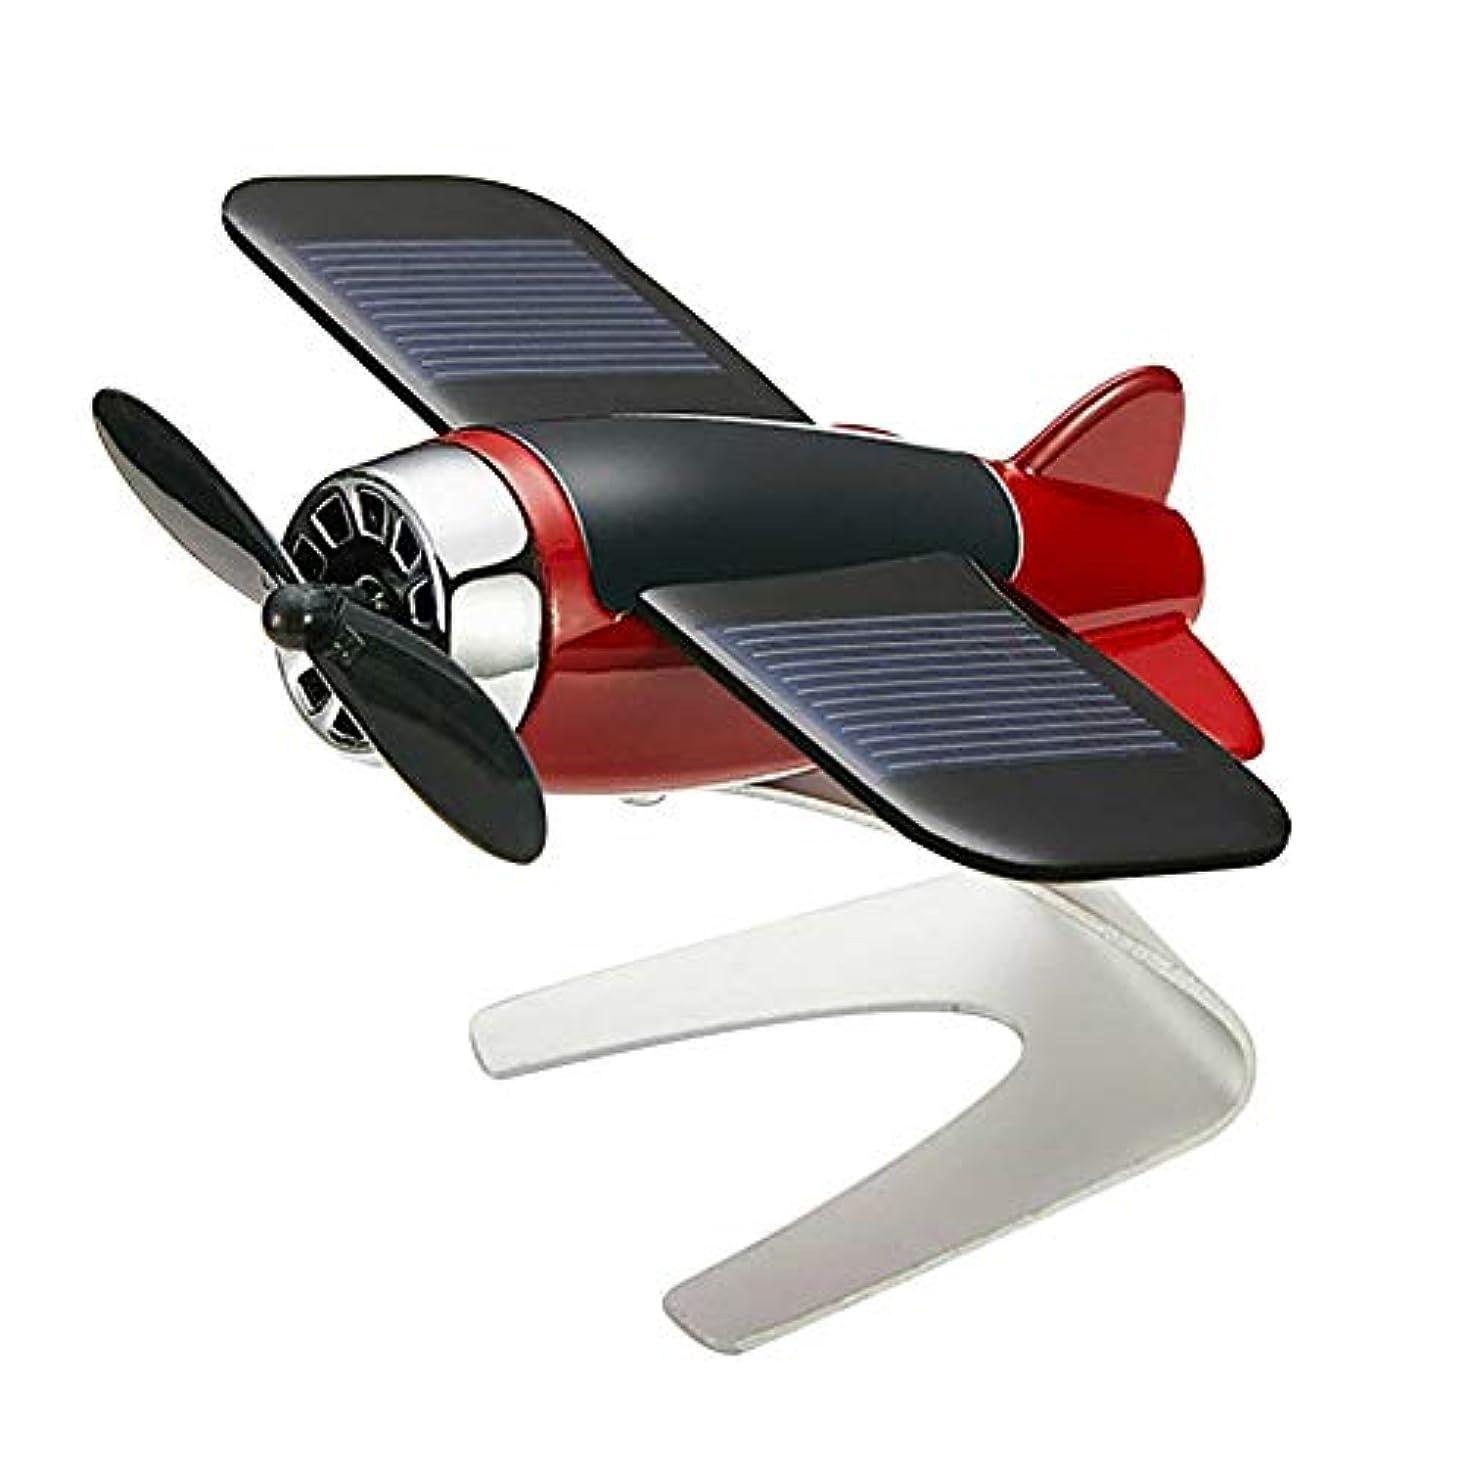 扱う水平防ぐSymboat 車の芳香剤飛行機航空機モデル太陽エネルギーアロマテラピー室内装飾